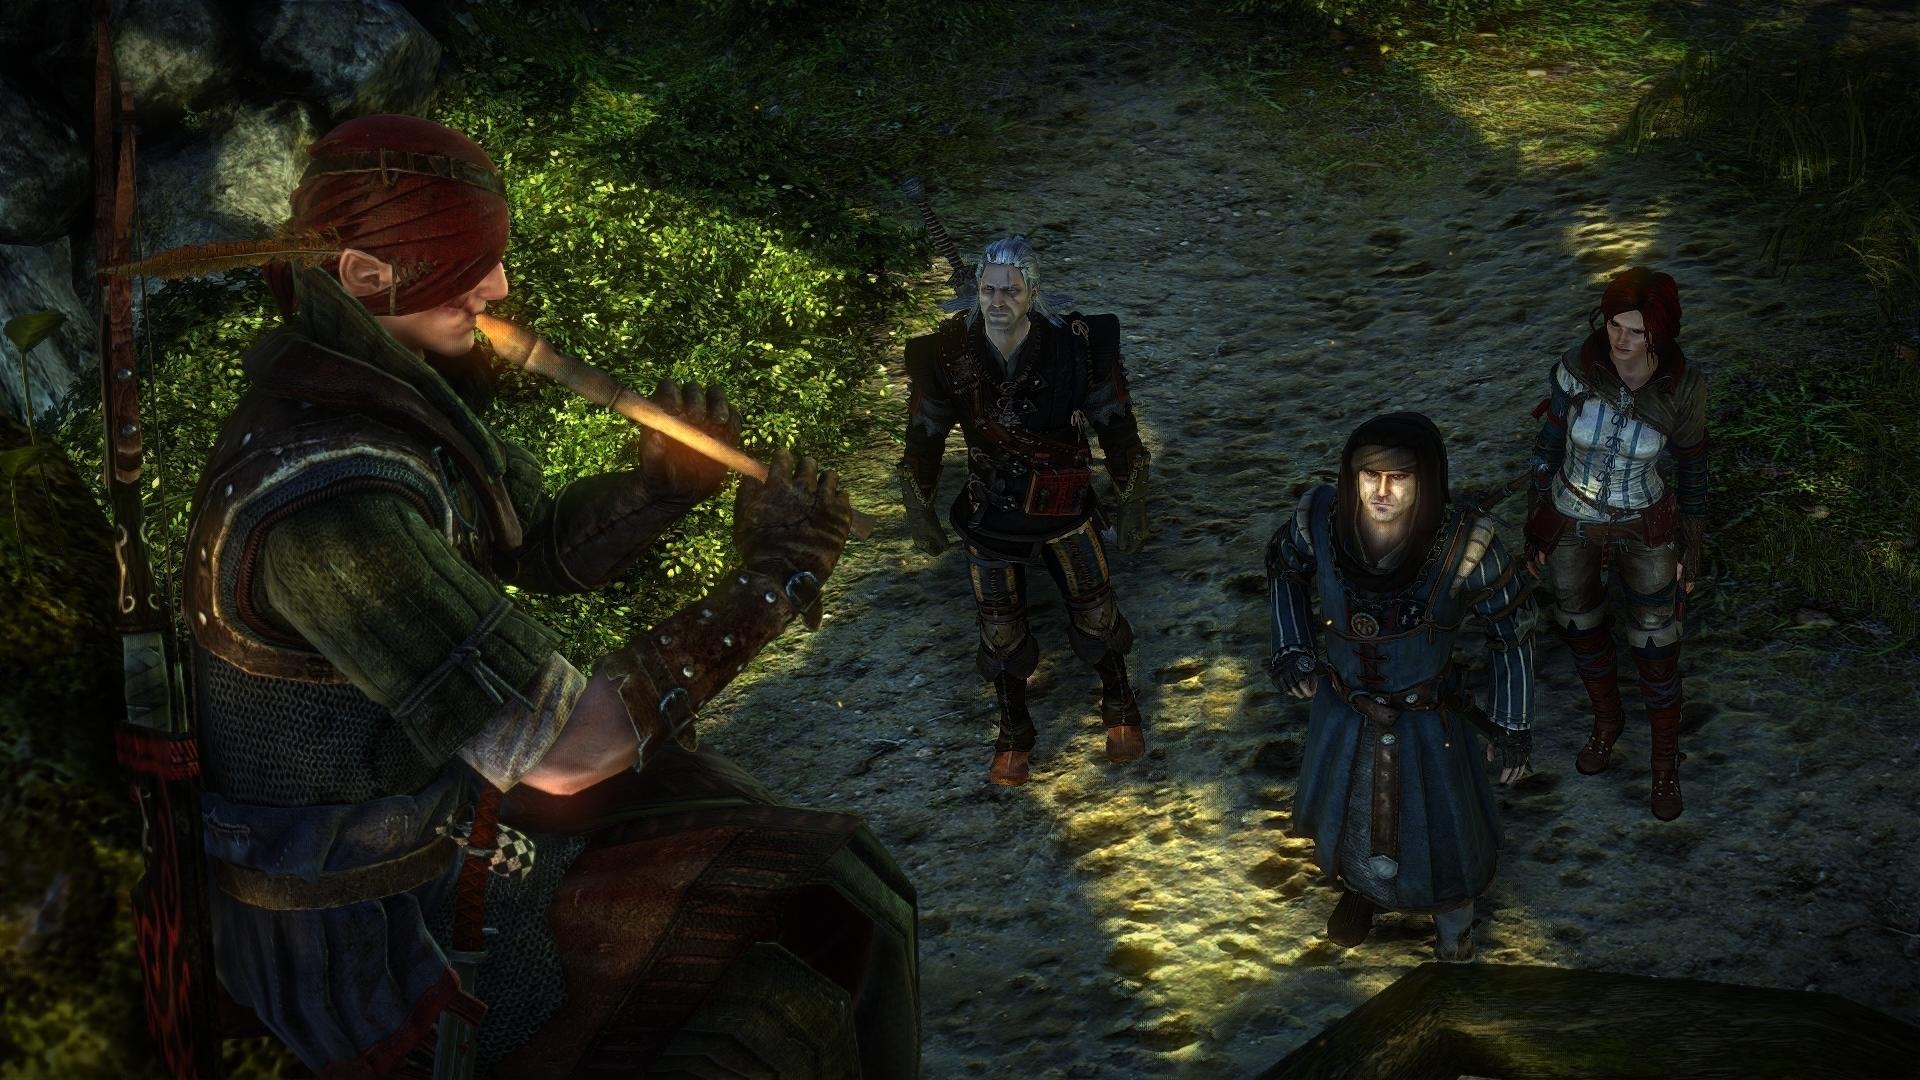 The Witcher 2 Assassins of Kings Iorweth Geralt Triss Merigold Vernon Roche  Flute wallpaper     696607   WallpaperUP